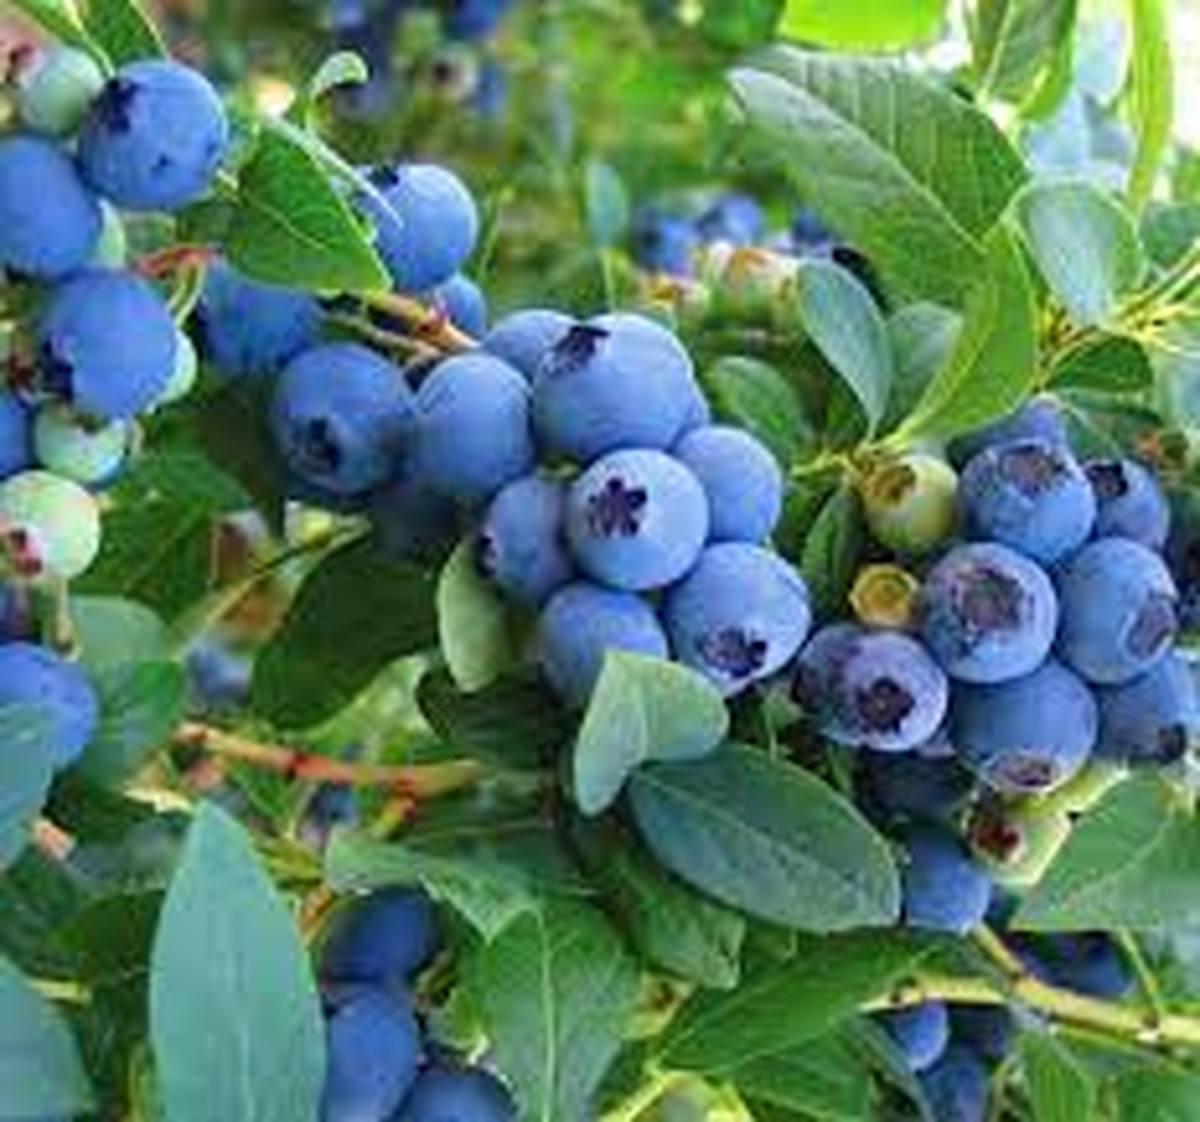 میوه ای که دربازاربه قیمت یک میلیون تومان عرضه میشود